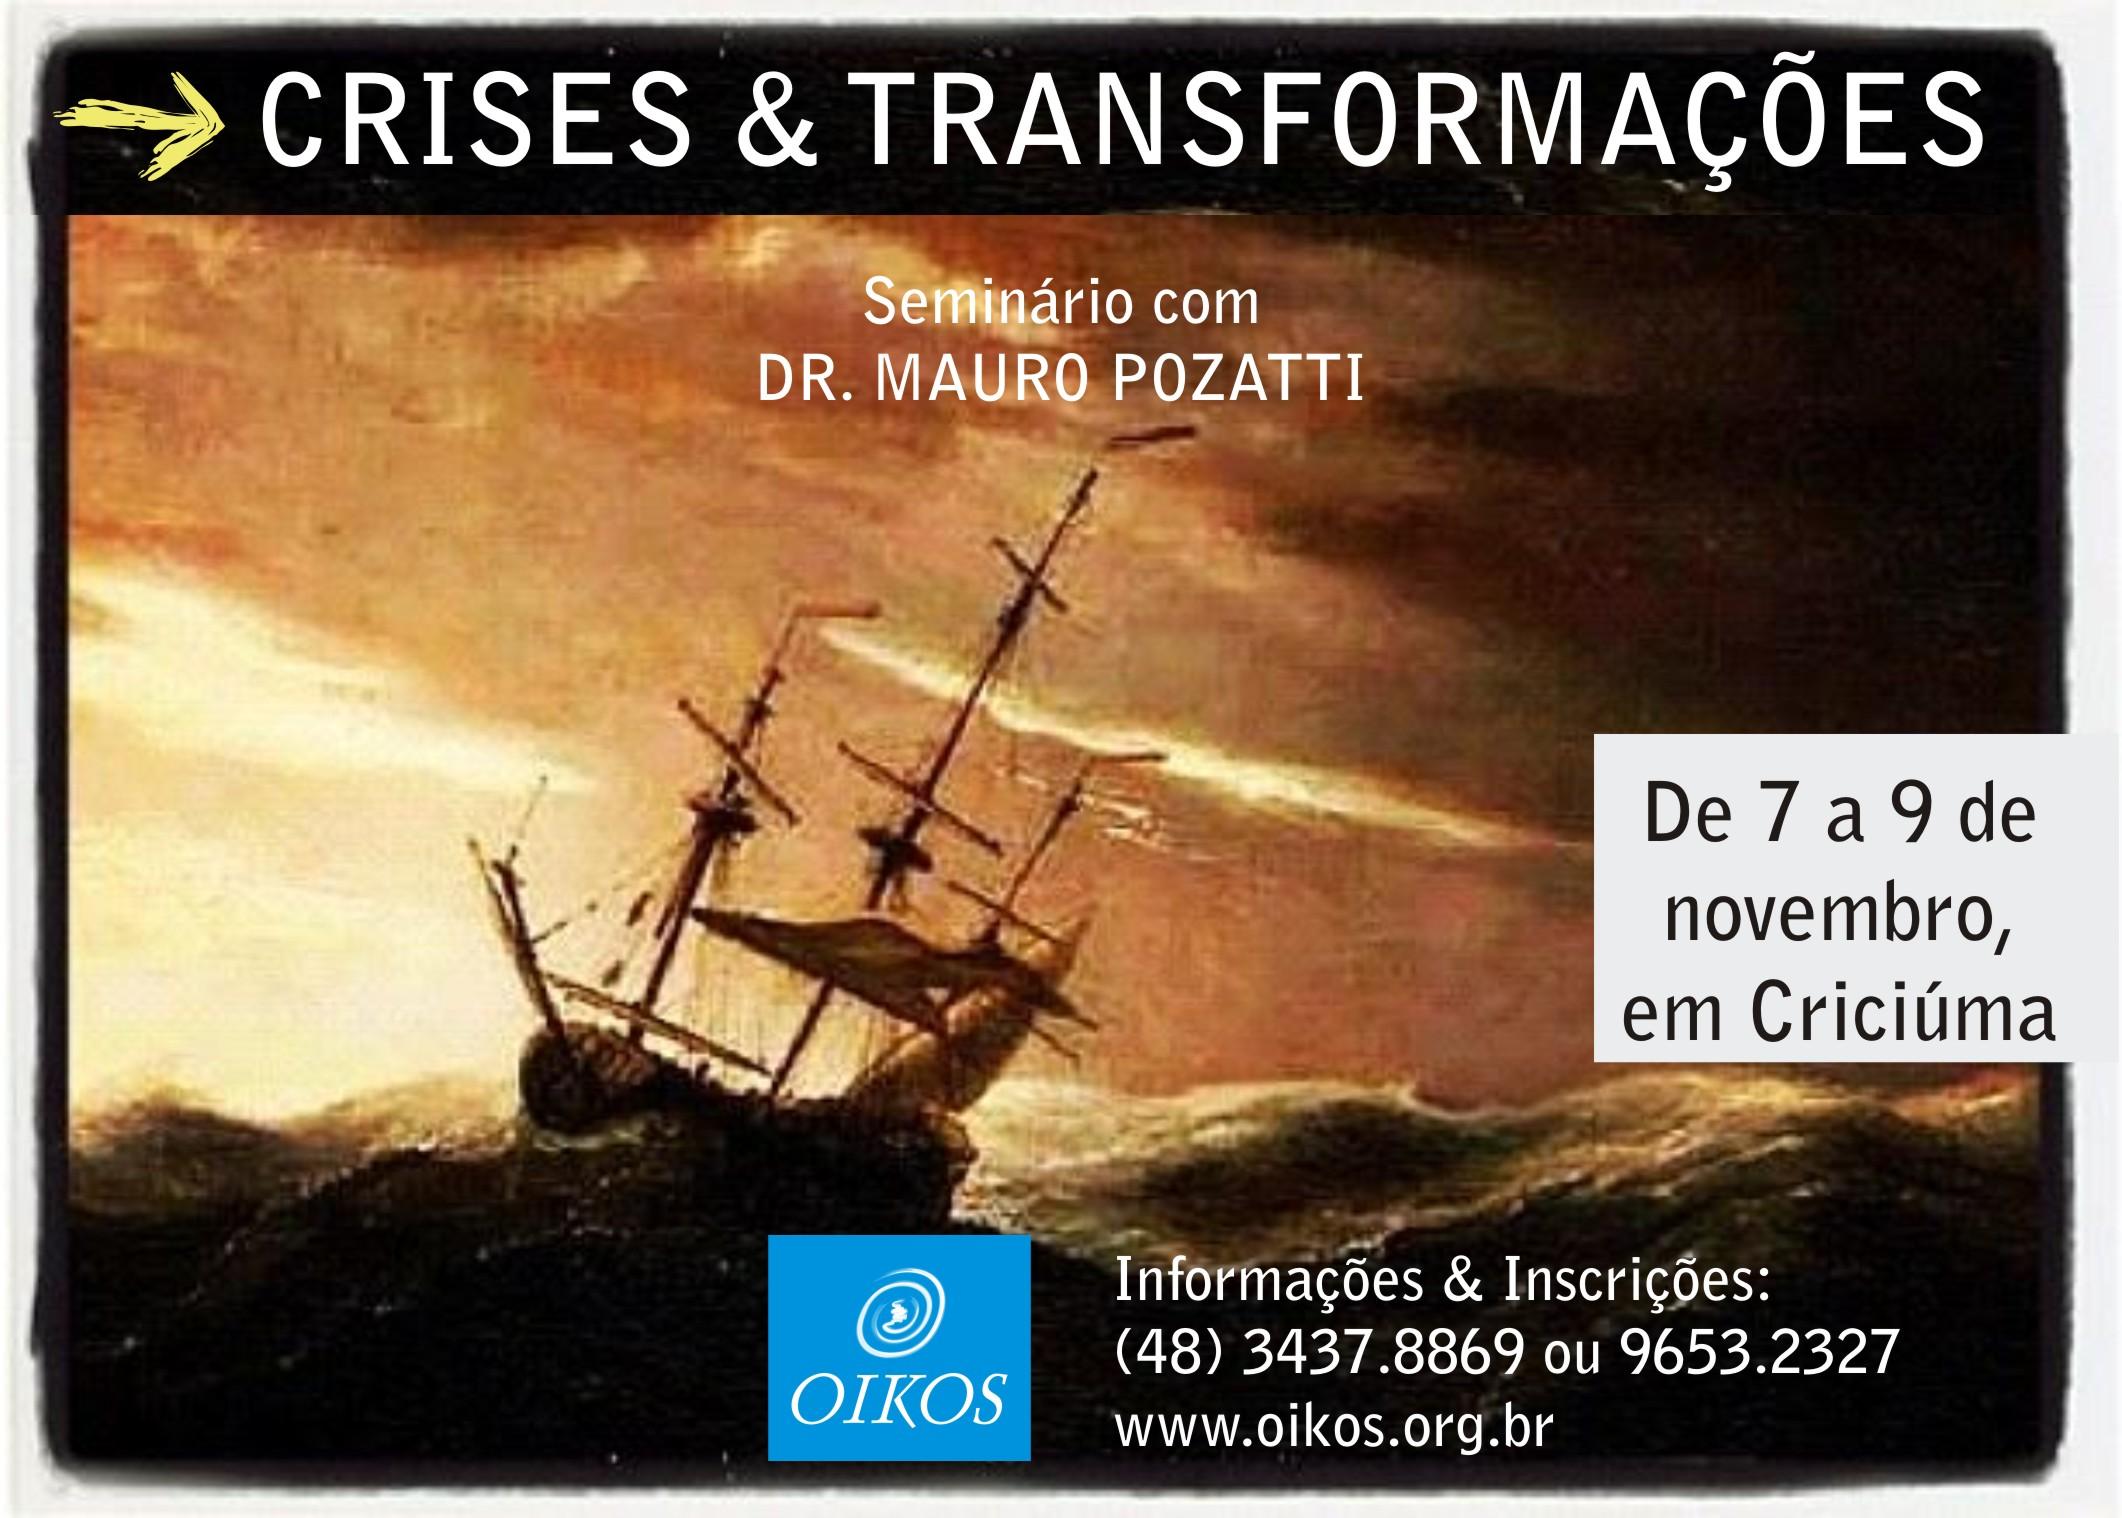 Crises   transforma%c3%a7%c3%b5es